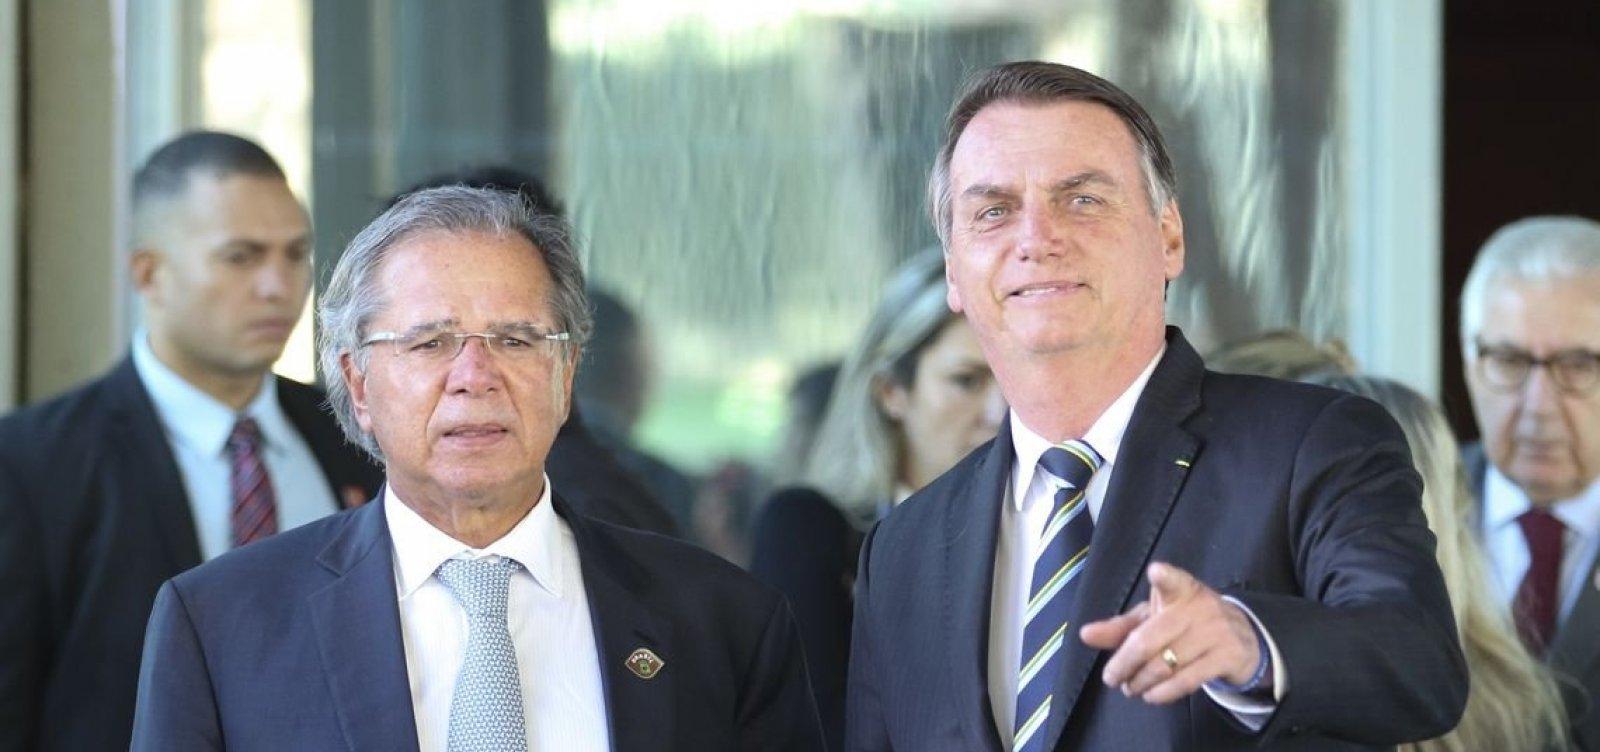 'É tudo um time só', diz Bolsonaro sobre atritos entre alas militar e olavista